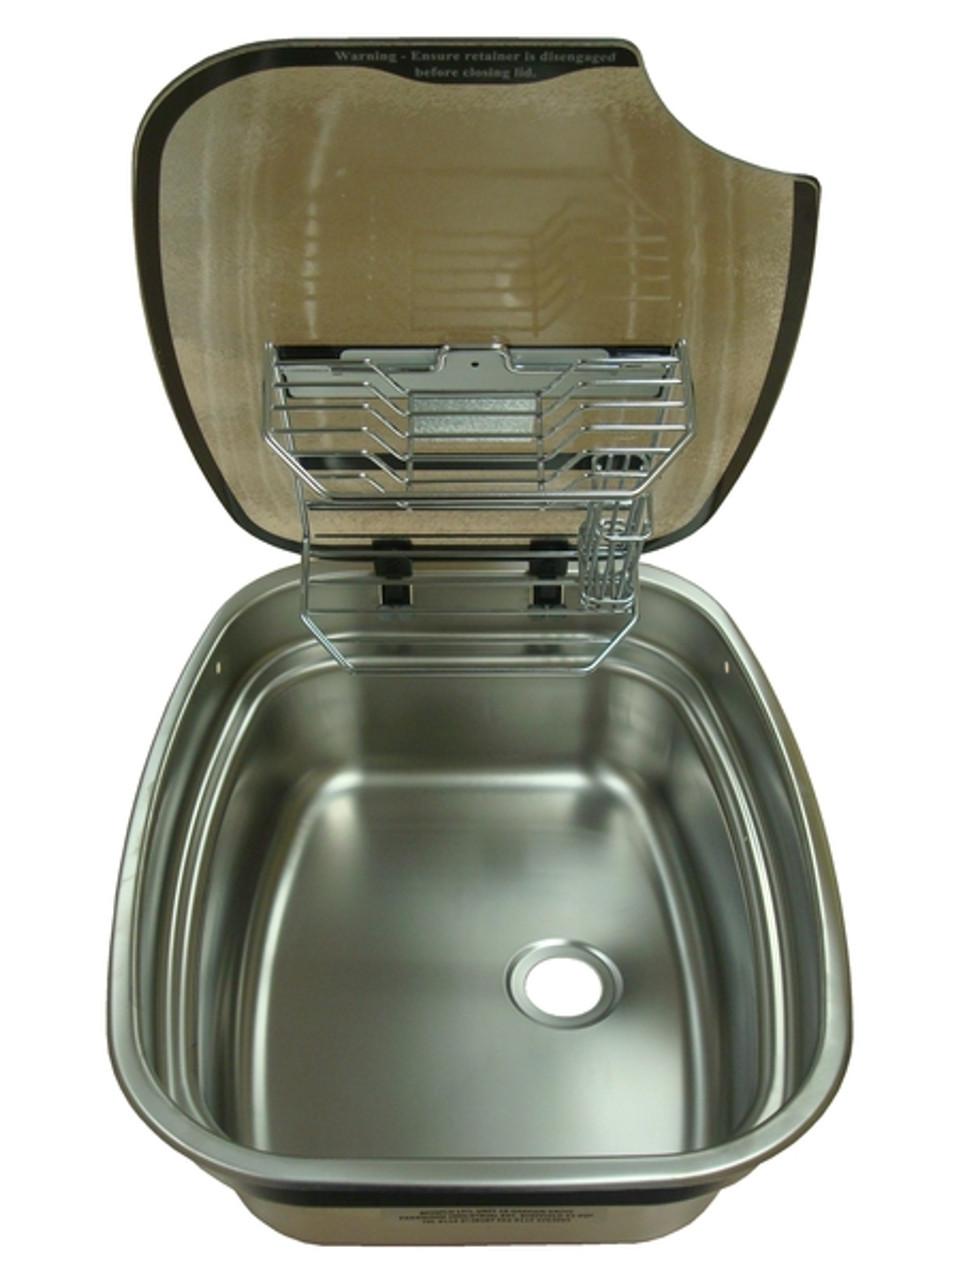 Spinflo Kitchen Centre Caravan Sink Unit (SBL1011)